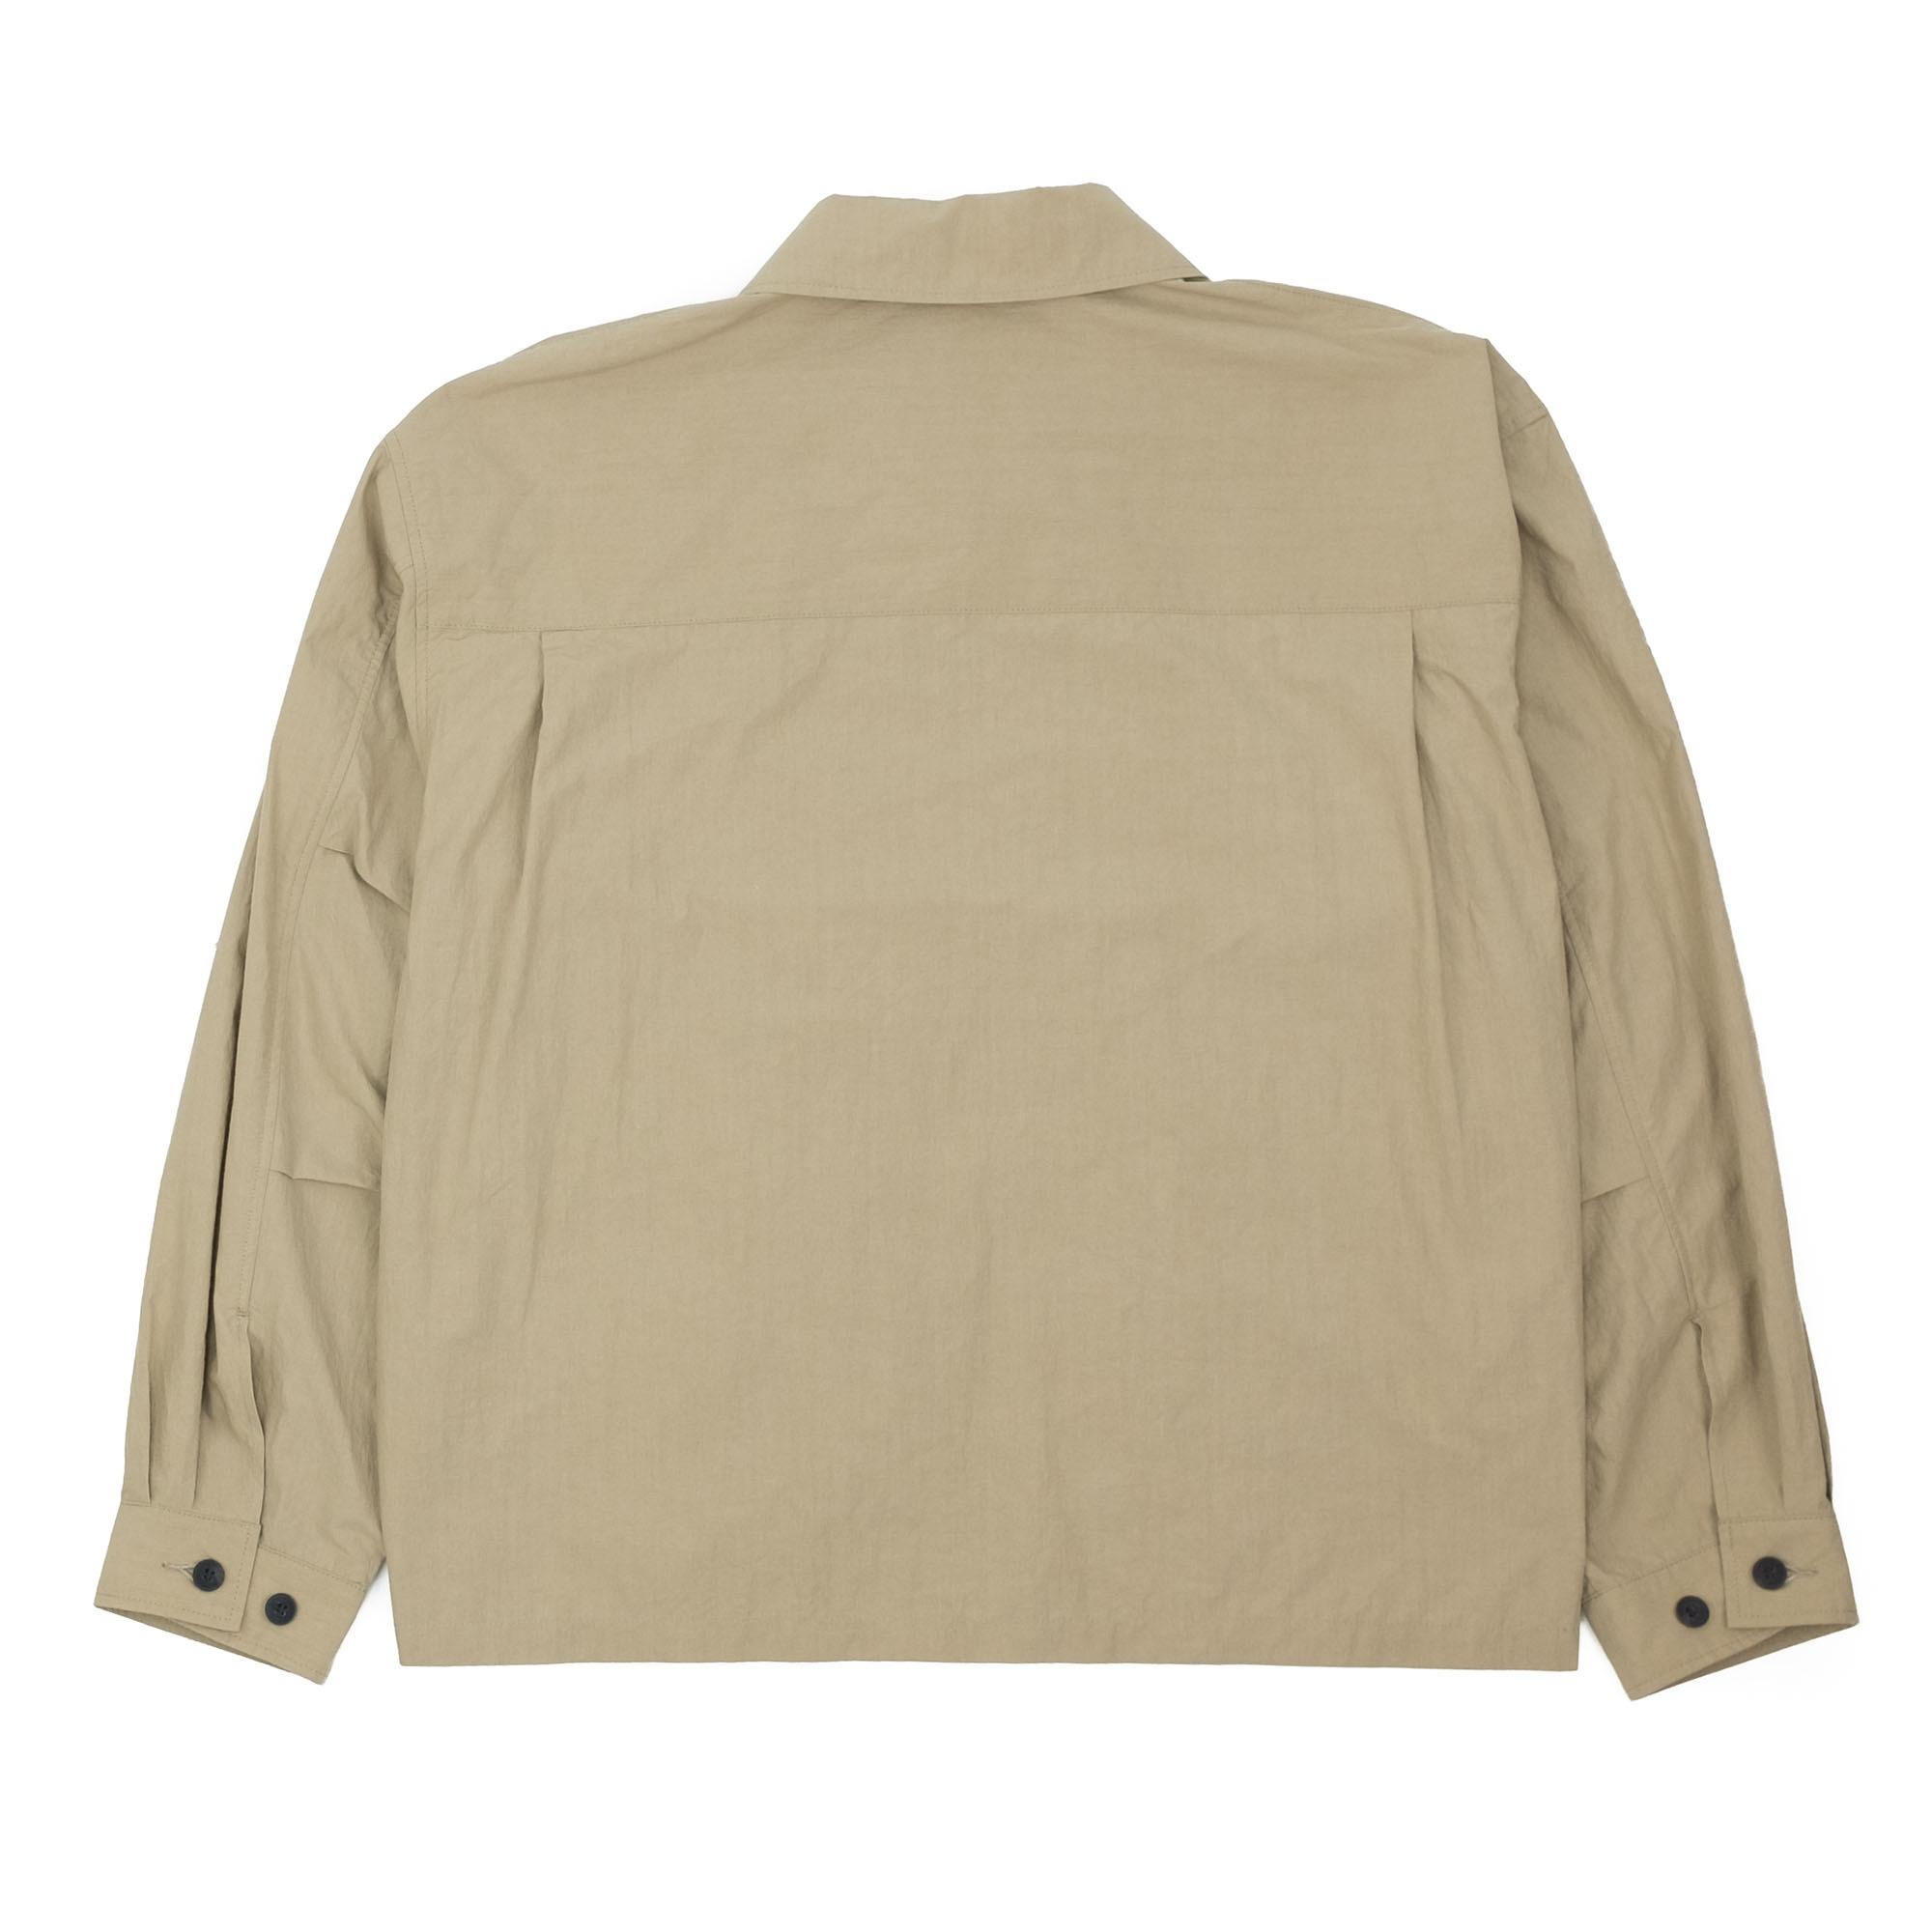 Zip Up Shirt Jacket Beige 10